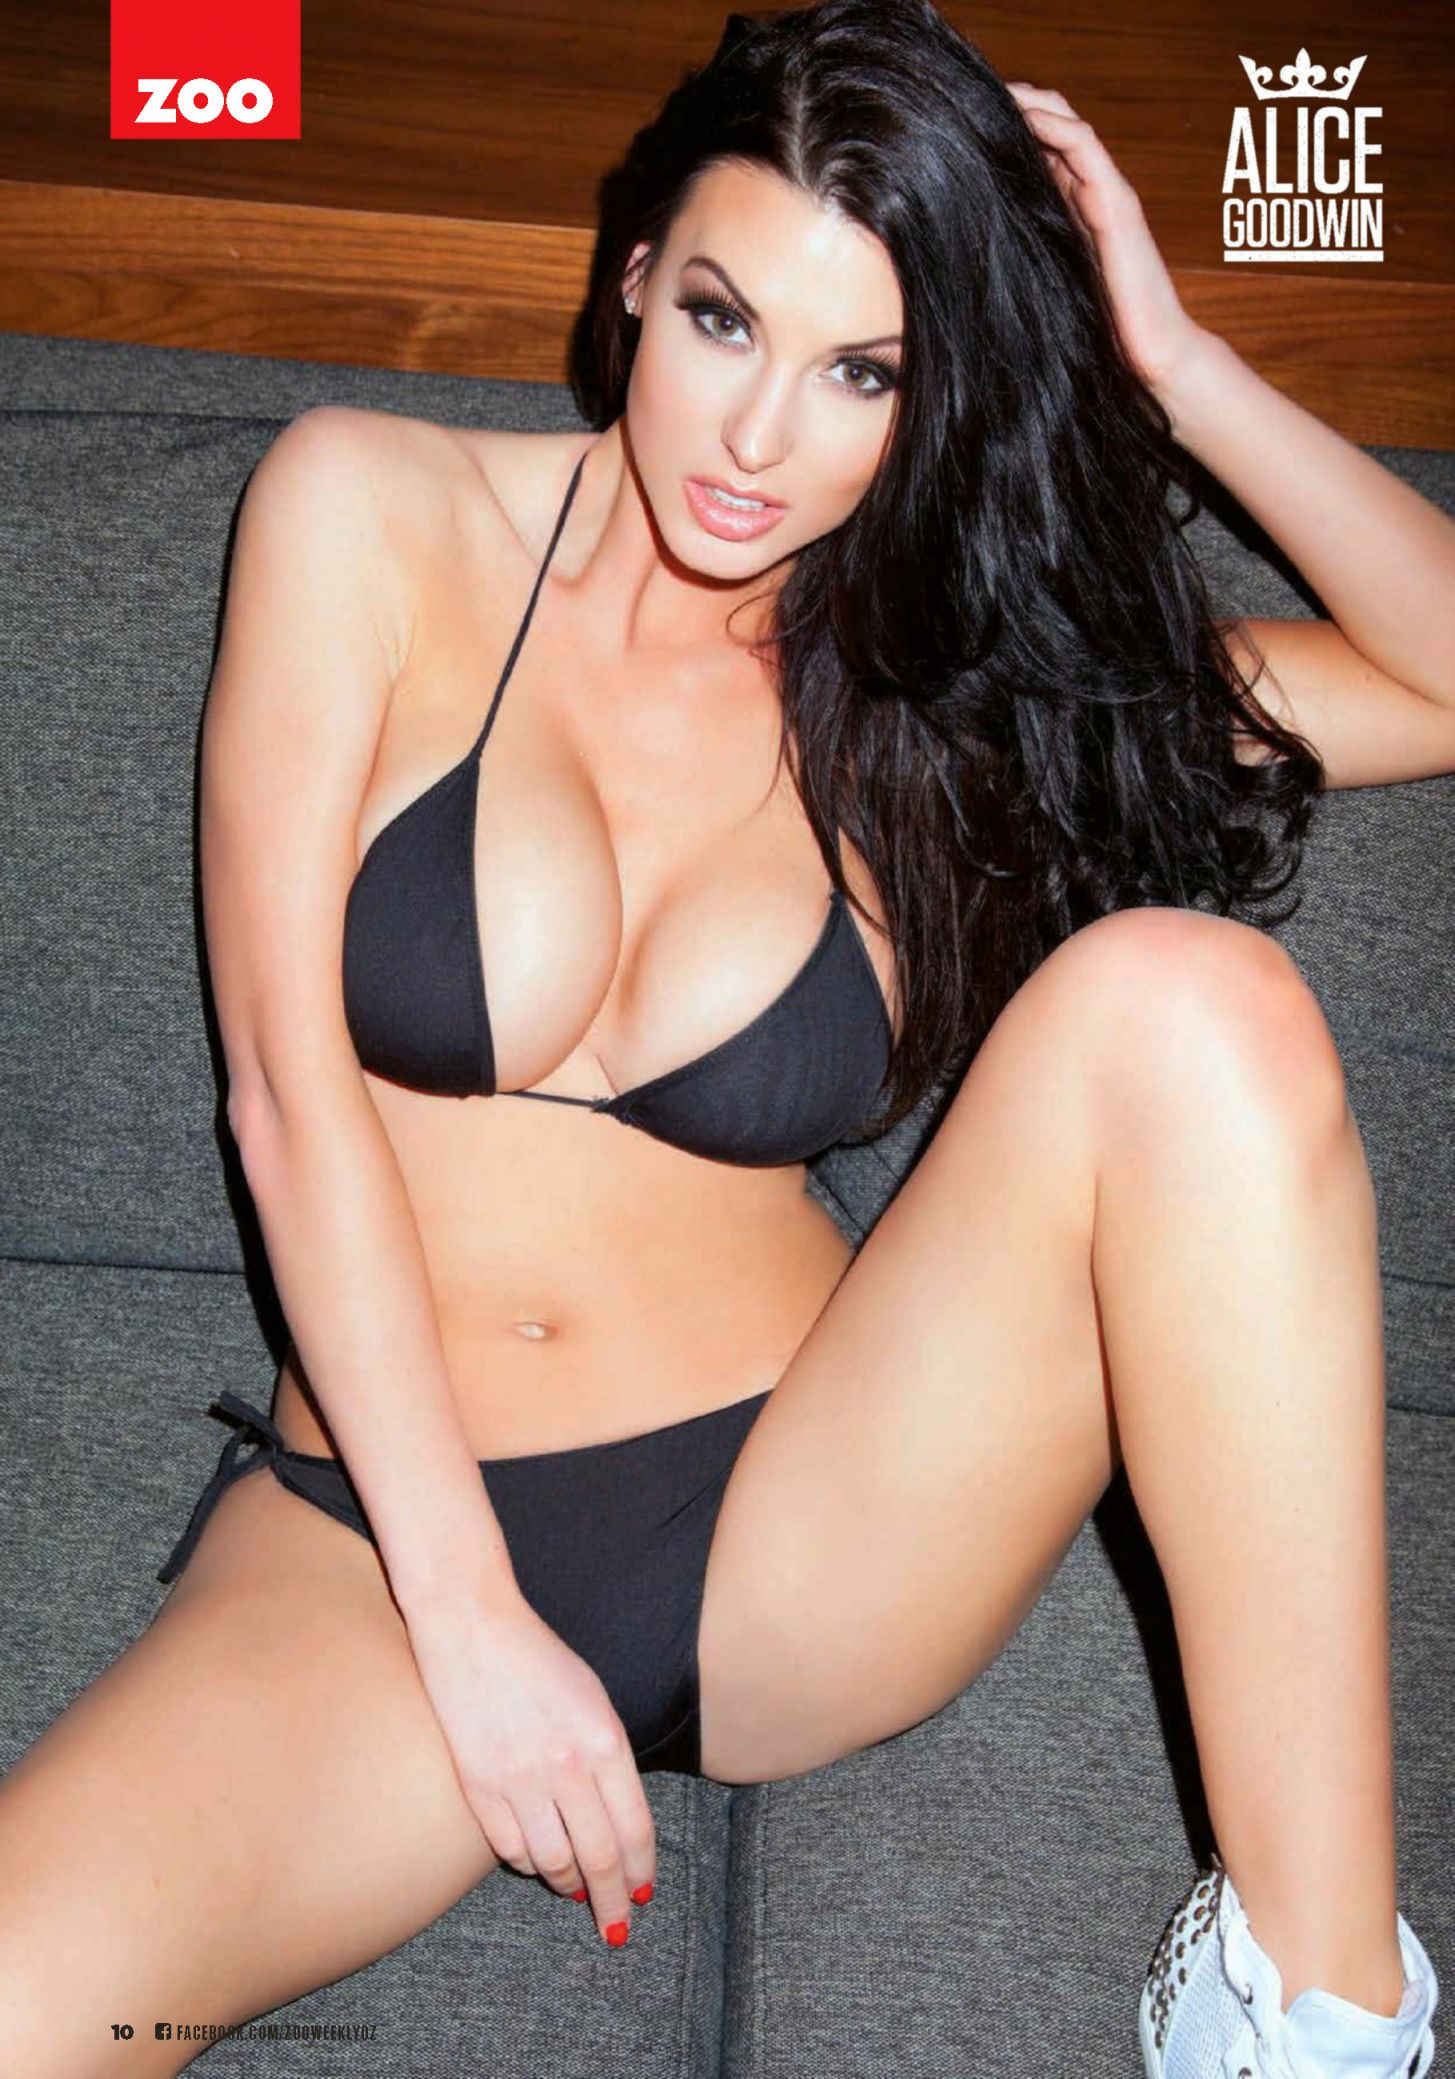 Nude hot alice goodwin